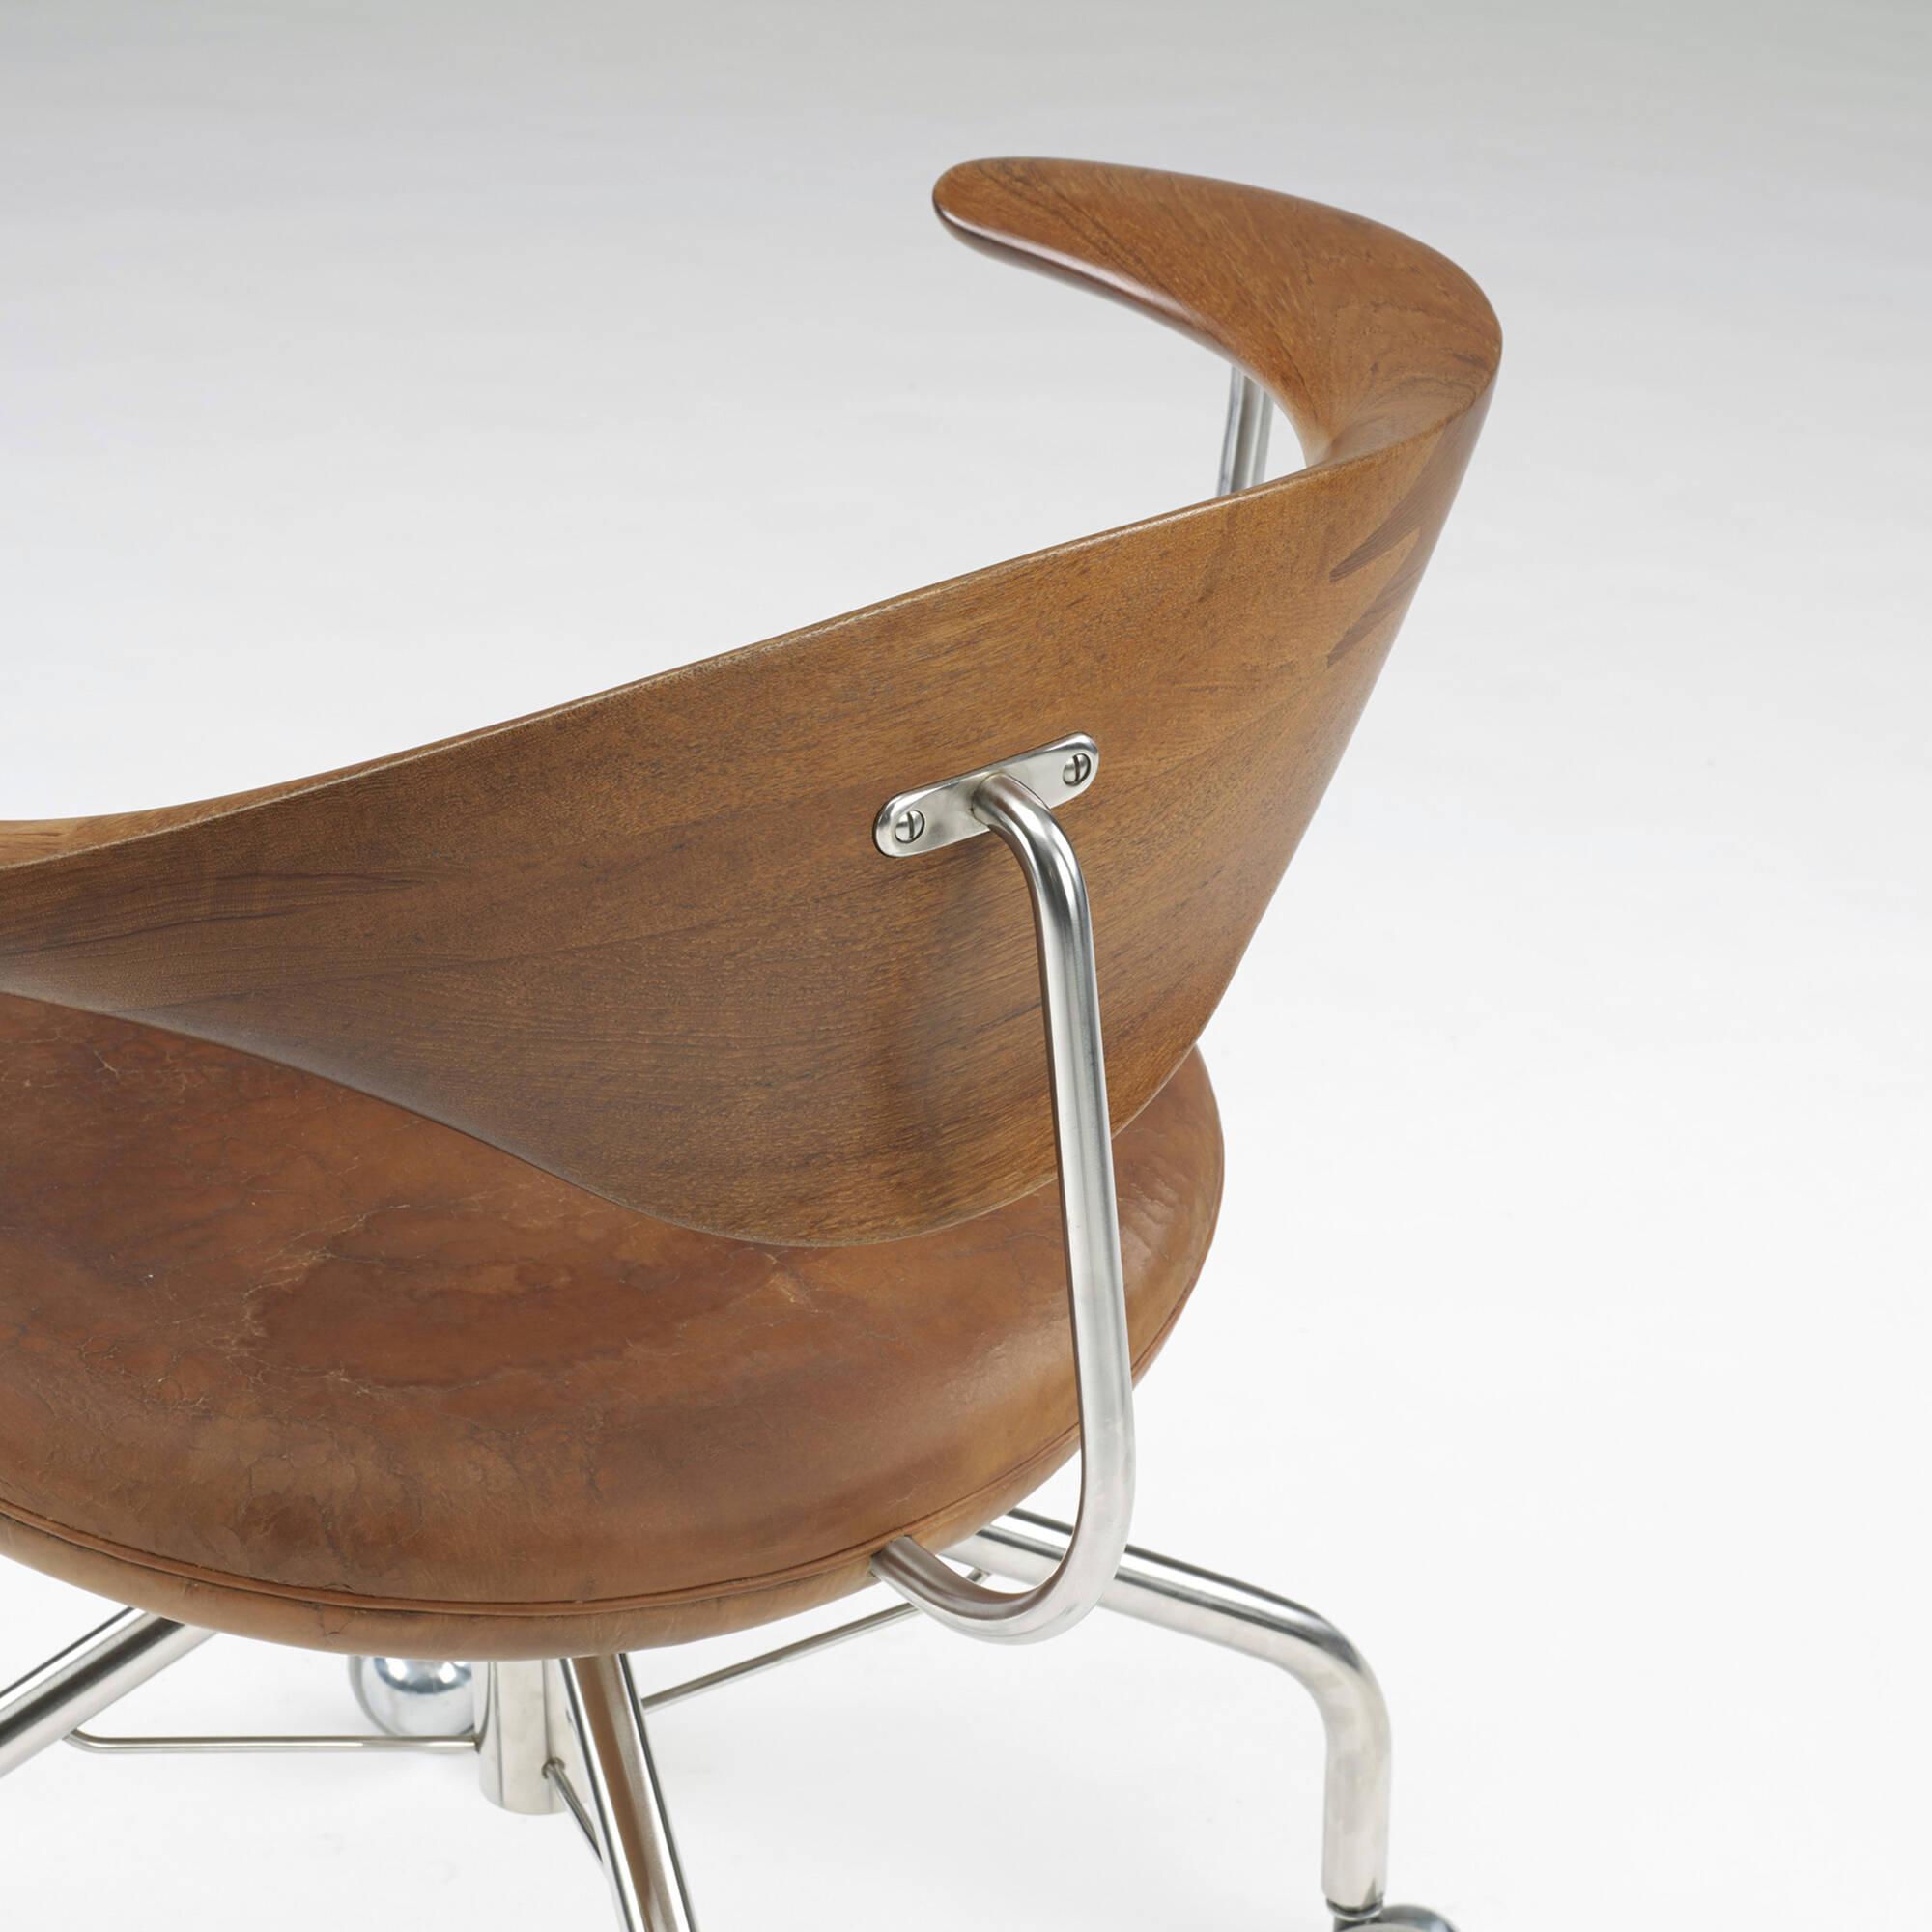 198: Hans J. Wegner / Swivel chair (4 of 9)